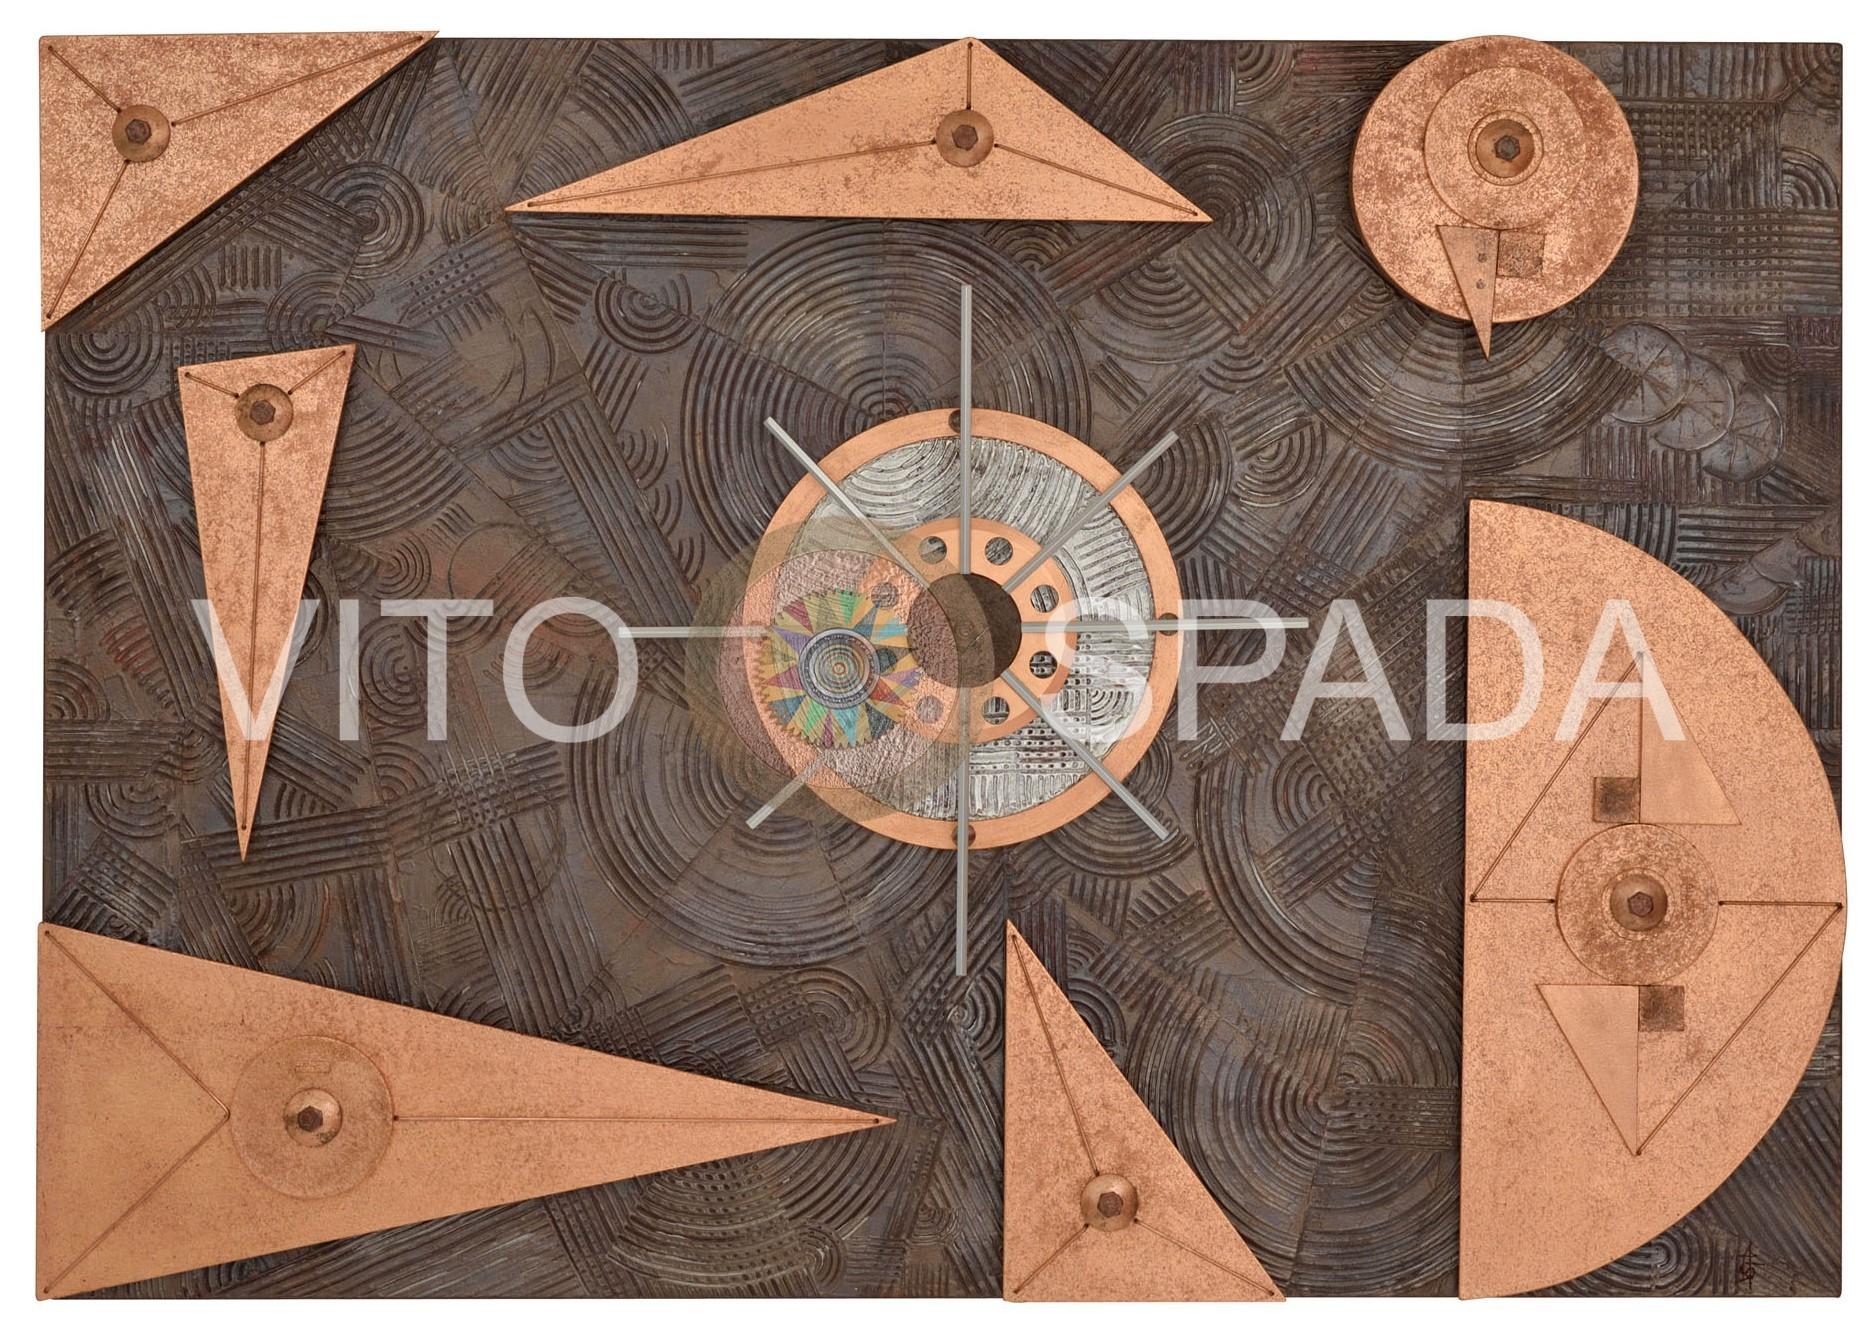 GEOMETRIA VARIABILE 2 Polimaterico, stucco, acrilico, foglia rame, mdf su mdf, 70x100x4, 2020